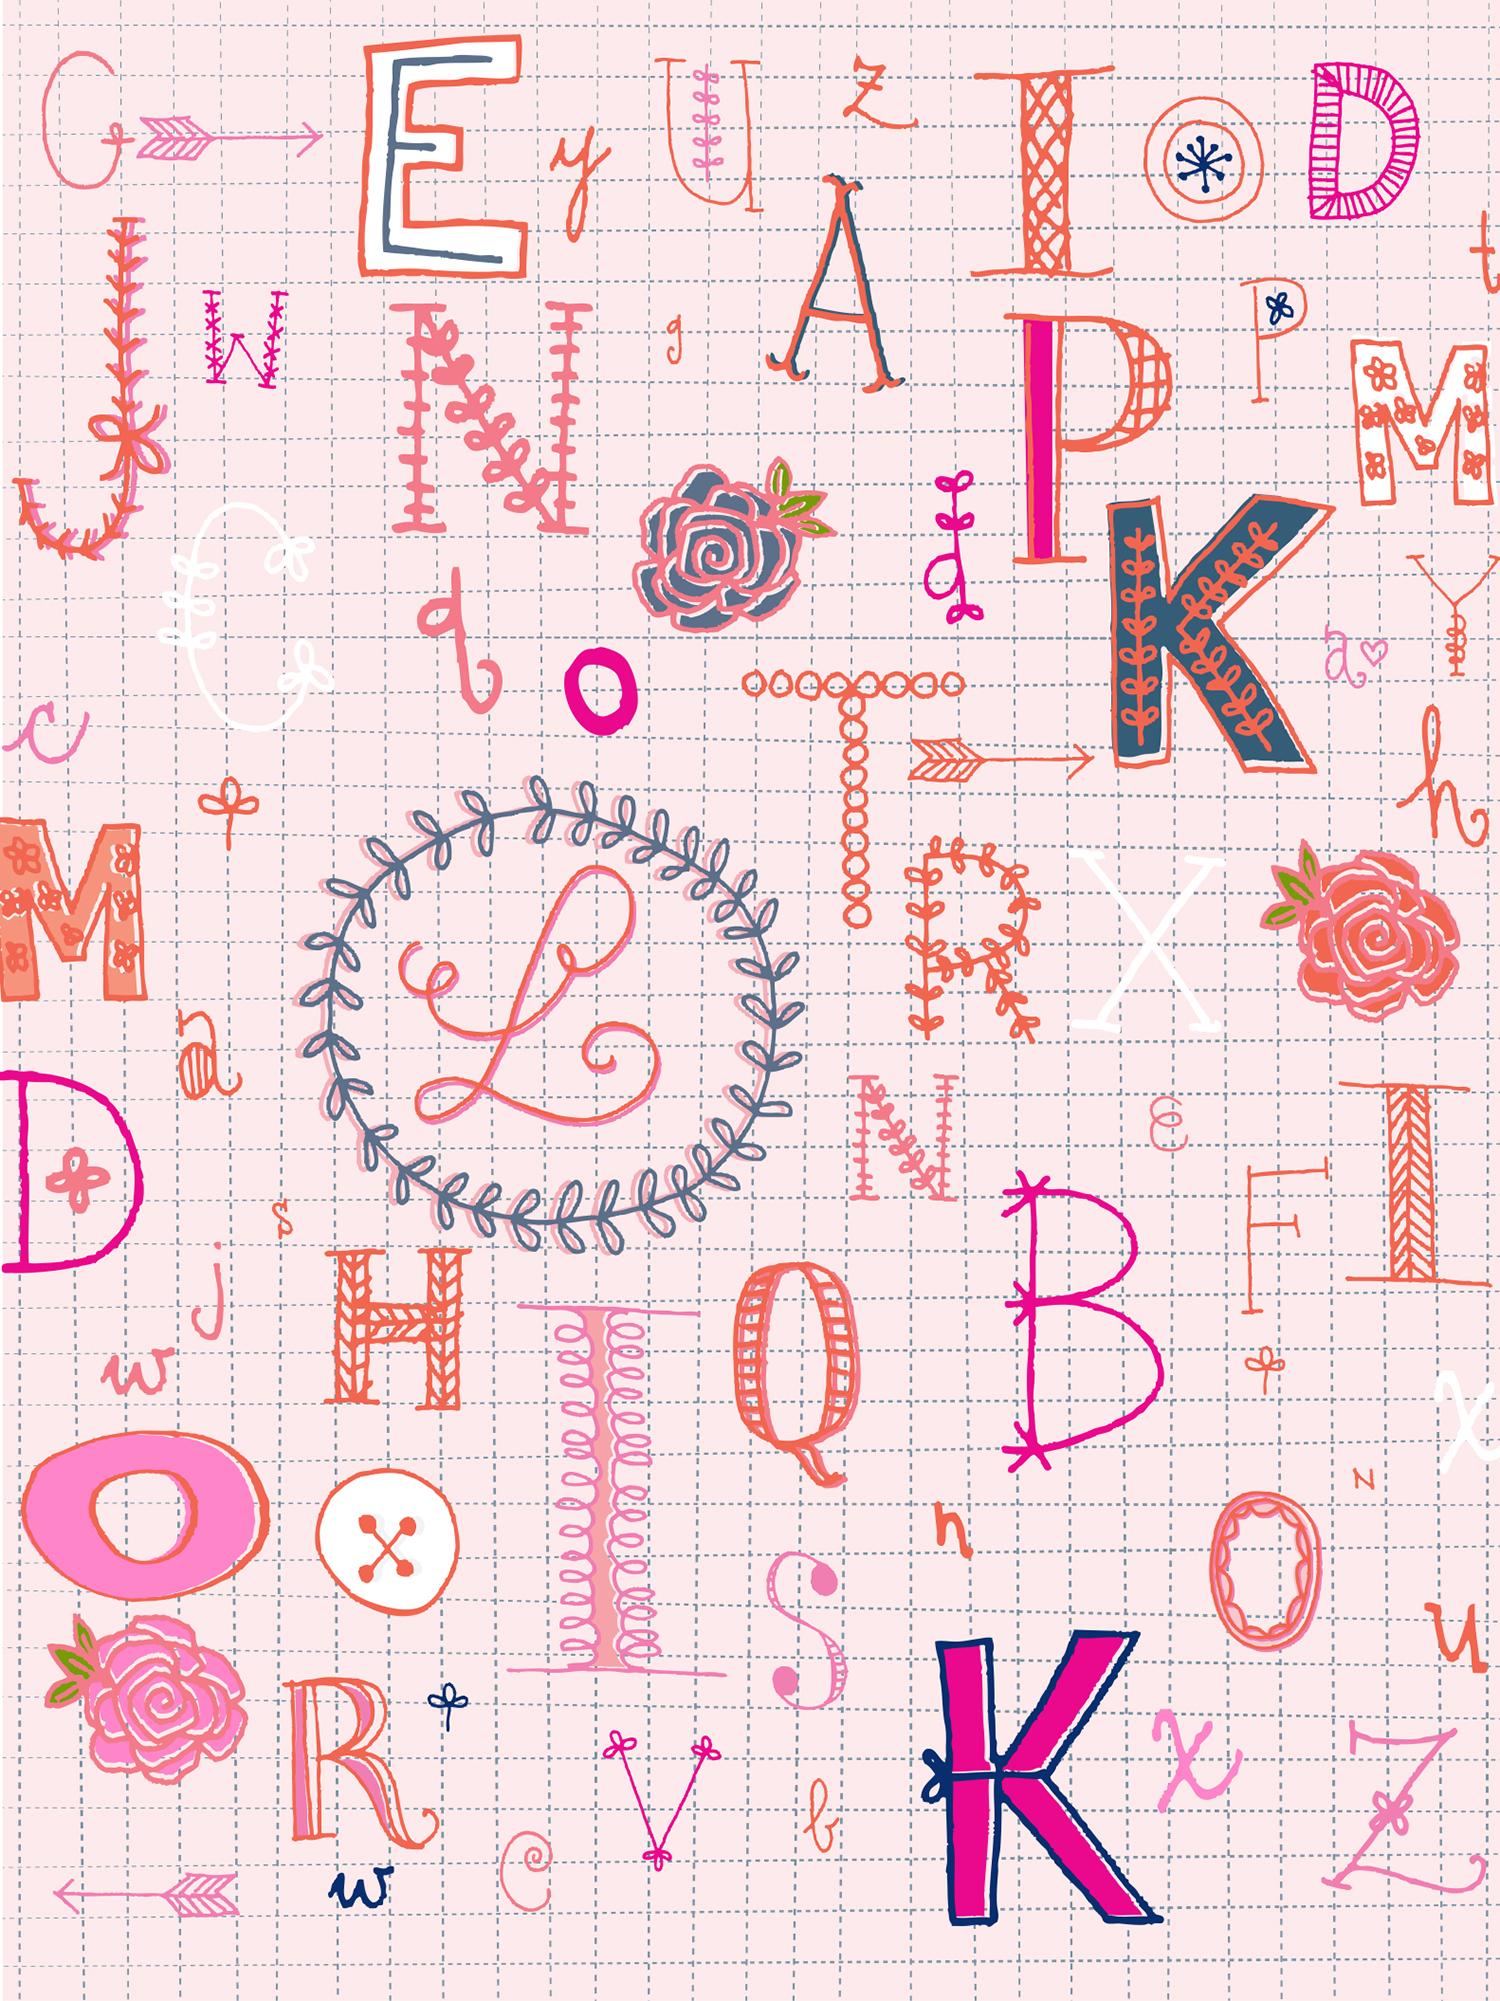 jami_darwin_lettering.jpg